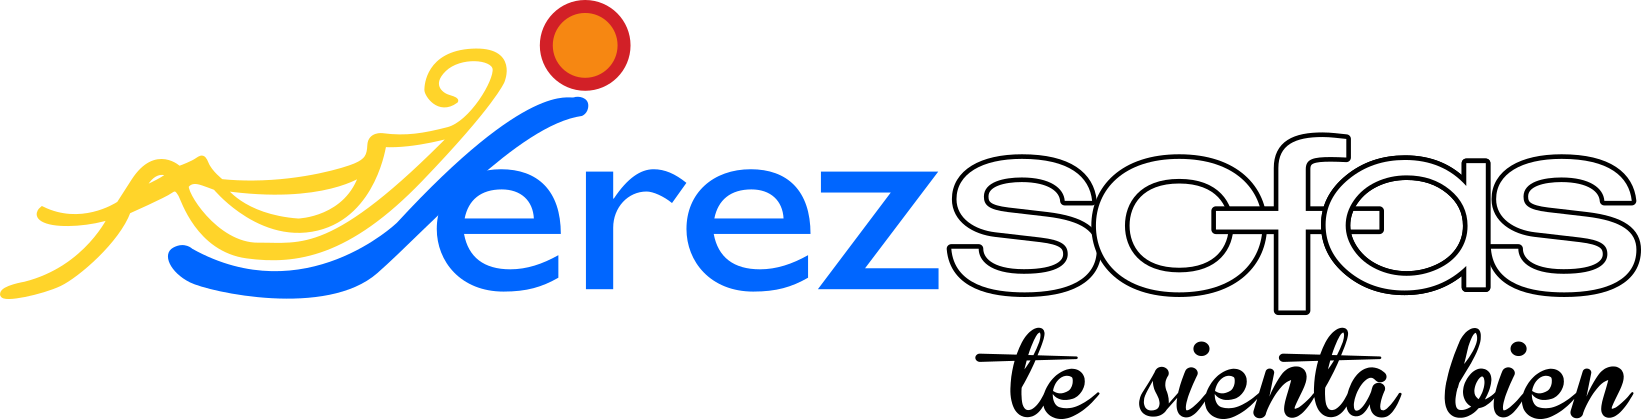 Jerez Sofas